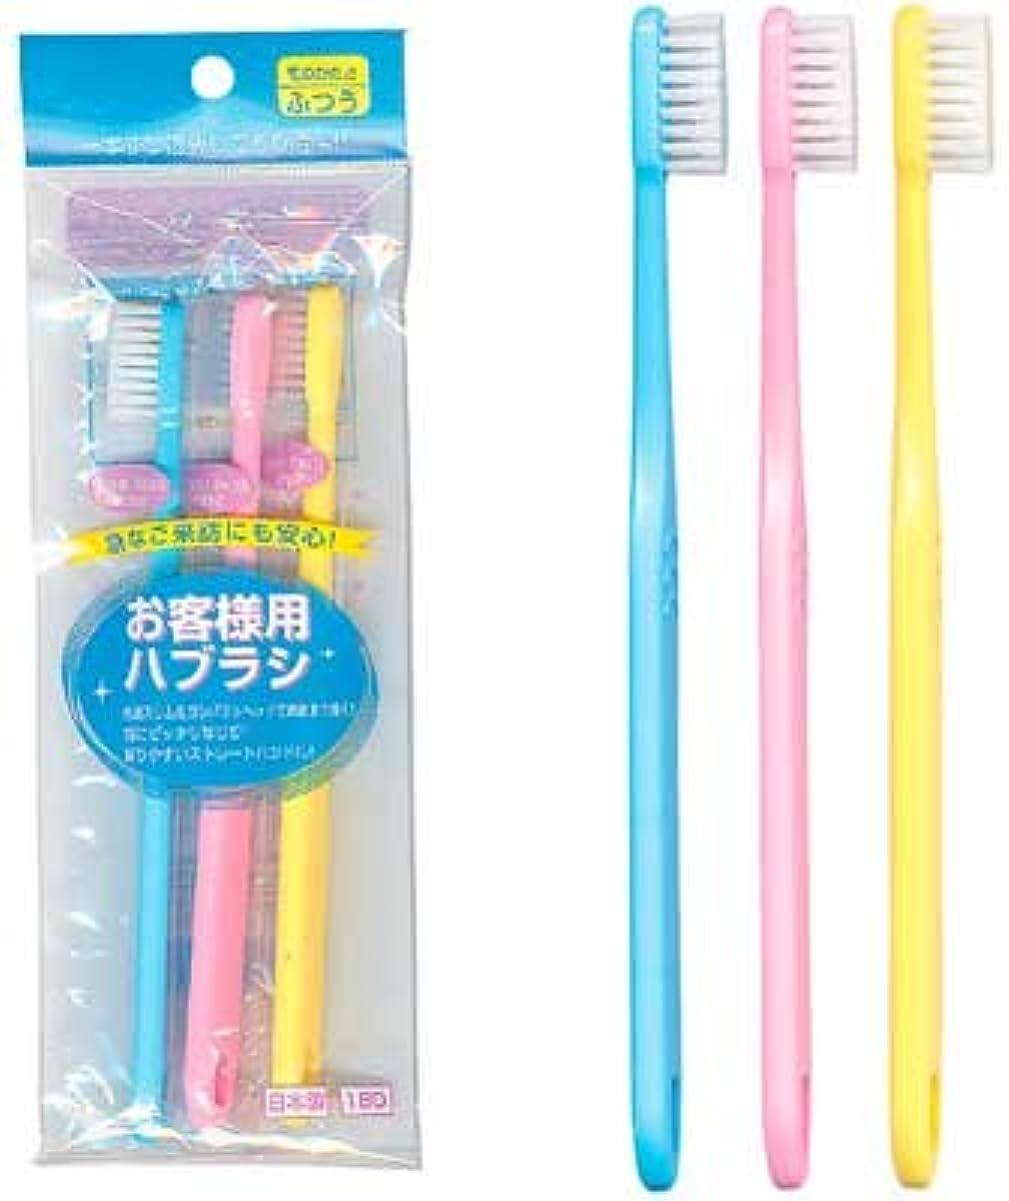 日焼け意義ボルトお客様用歯ブラシ(3P) 【まとめ買い12個セット】 41-006